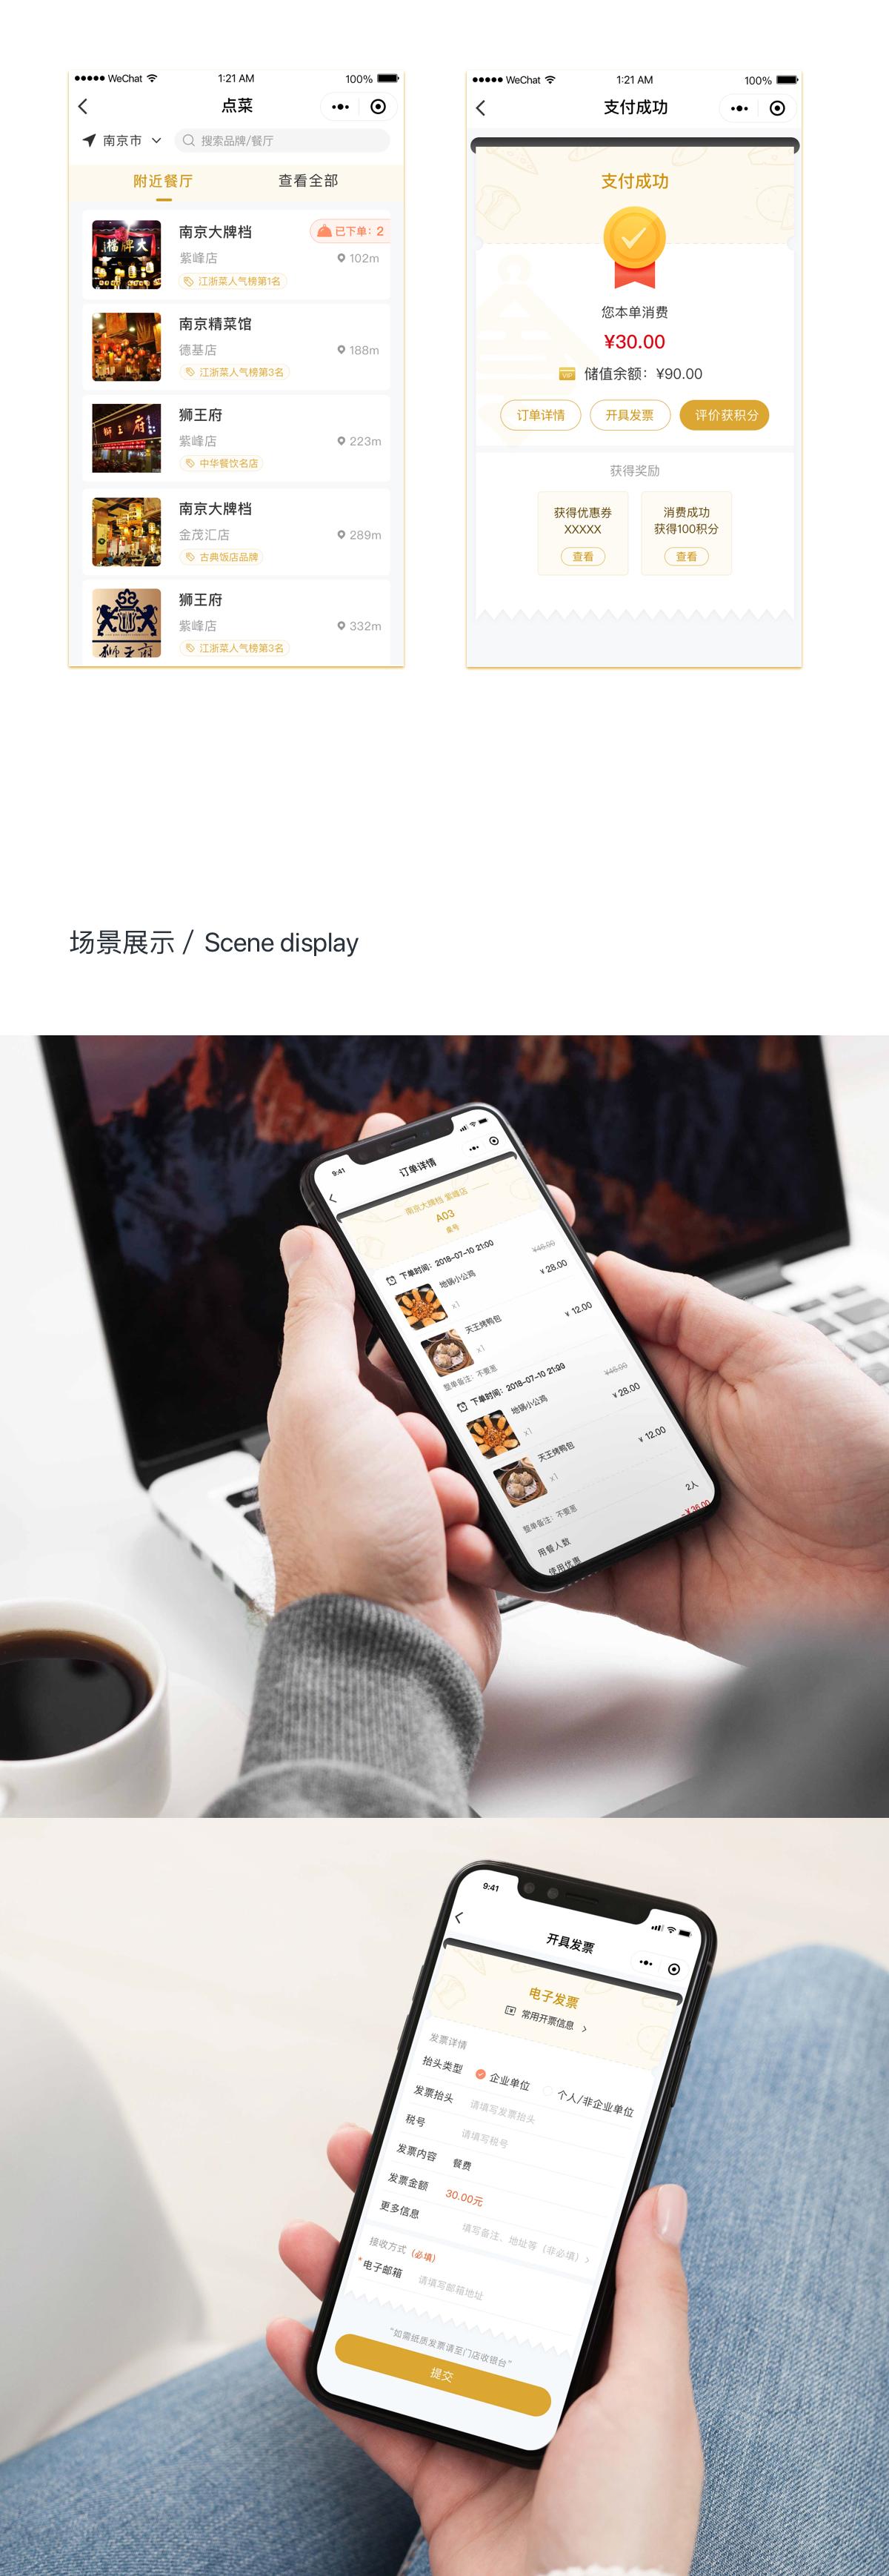 南京大牌档小程序开发